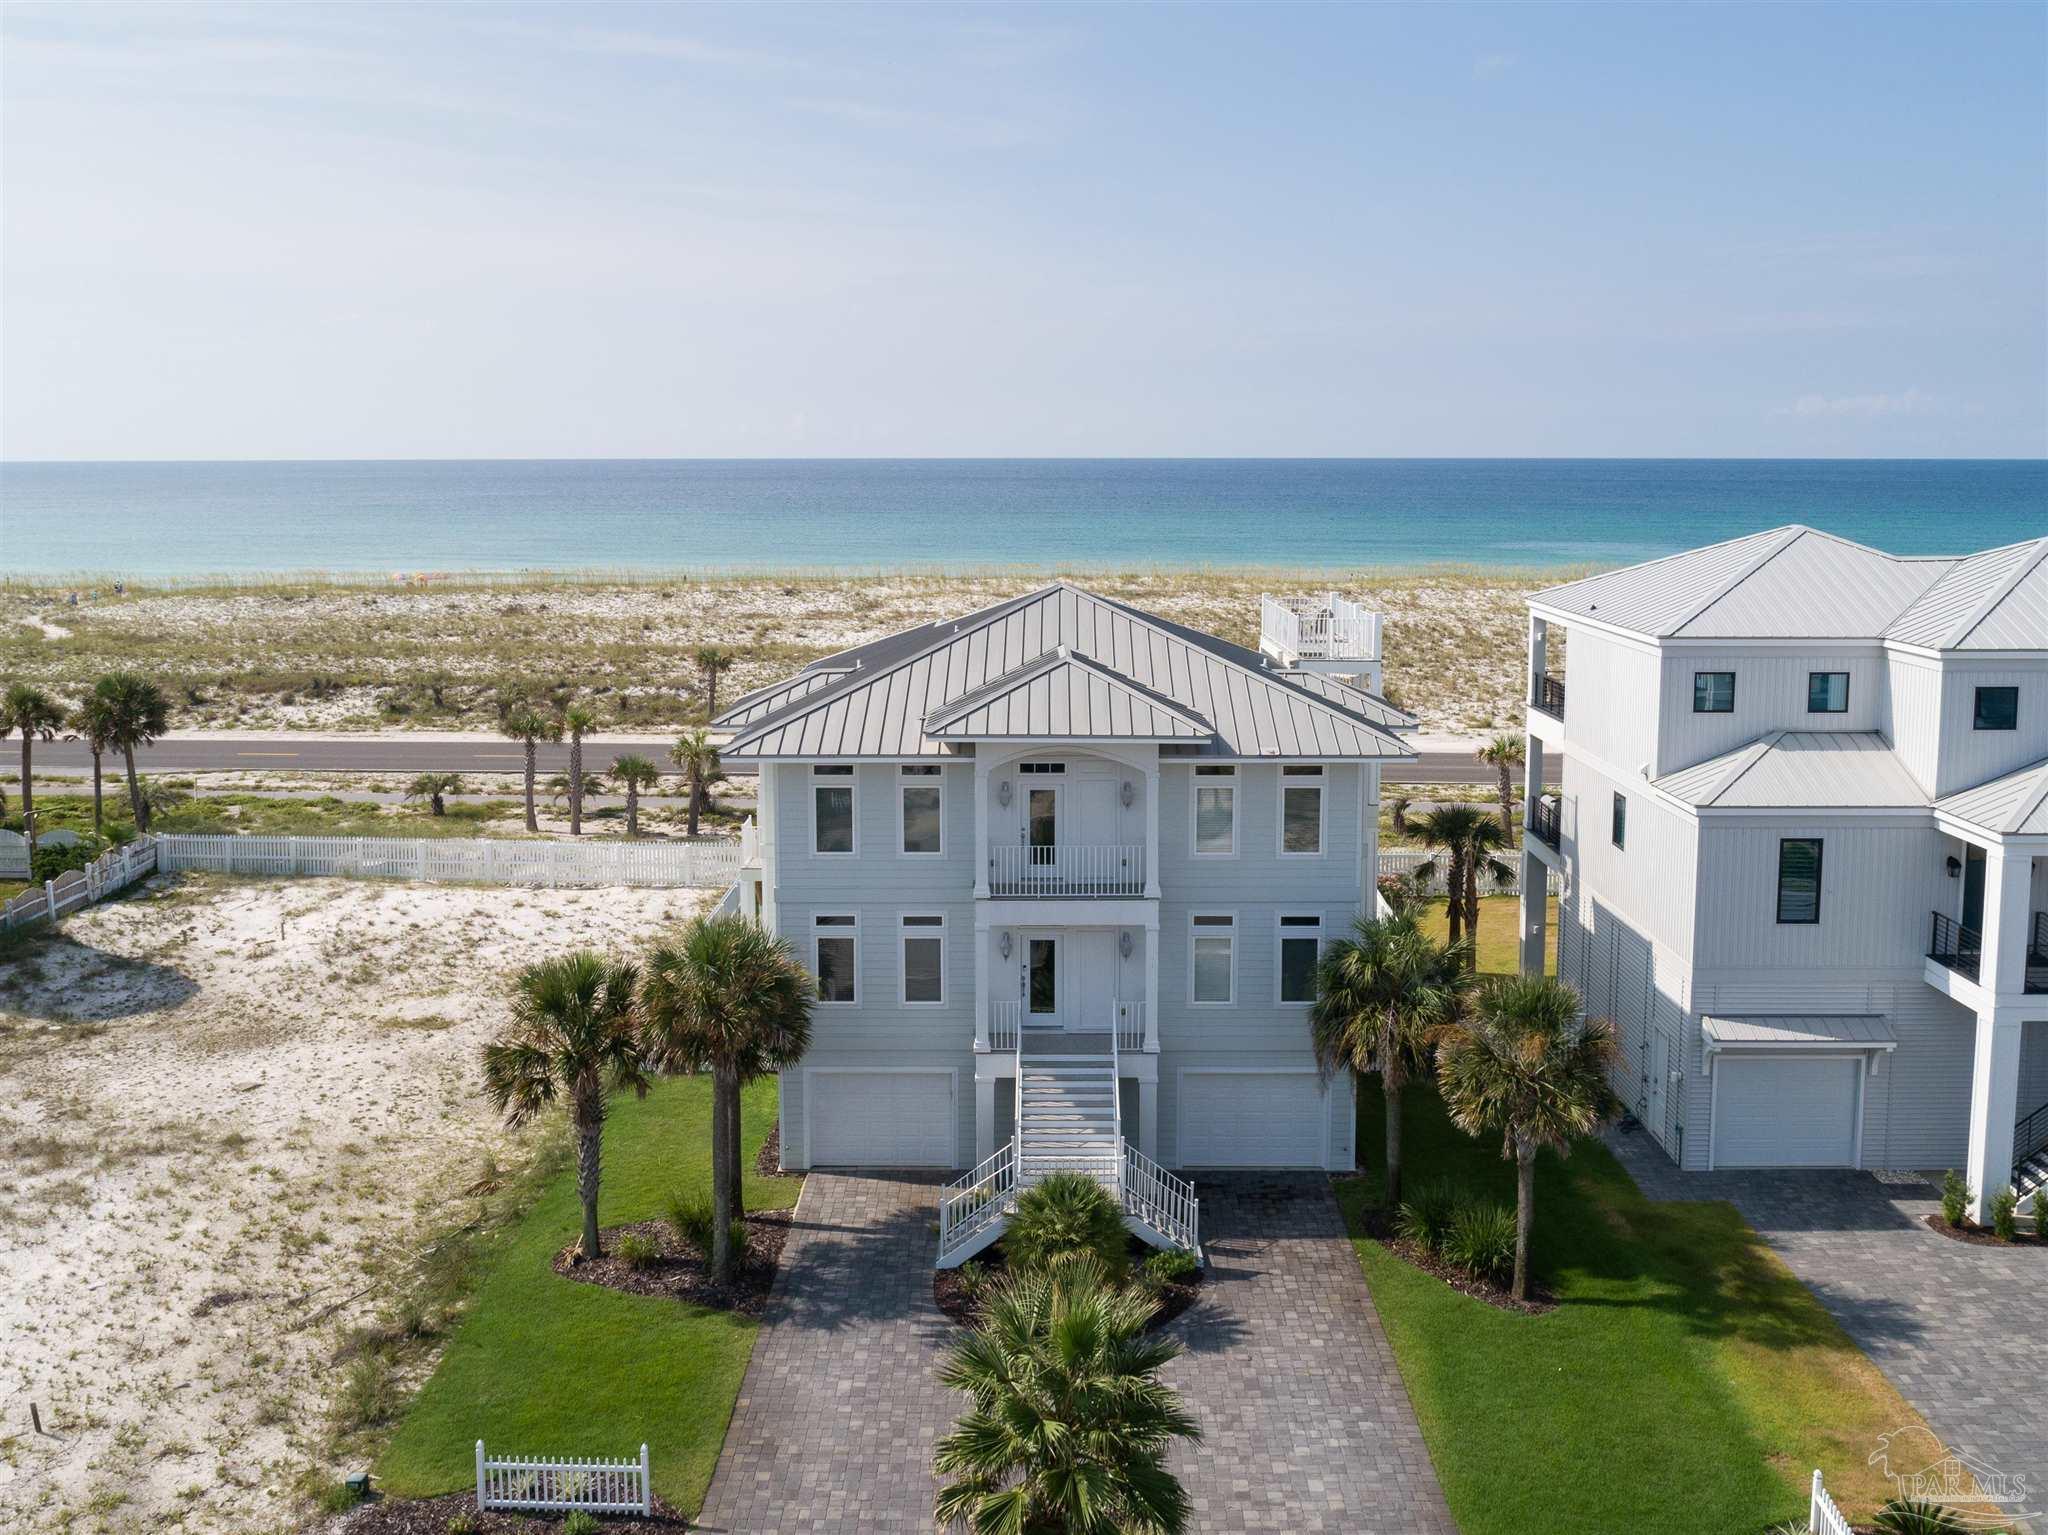 11 OCEAN VIEW DR, Pensacola Beach, FL 32561